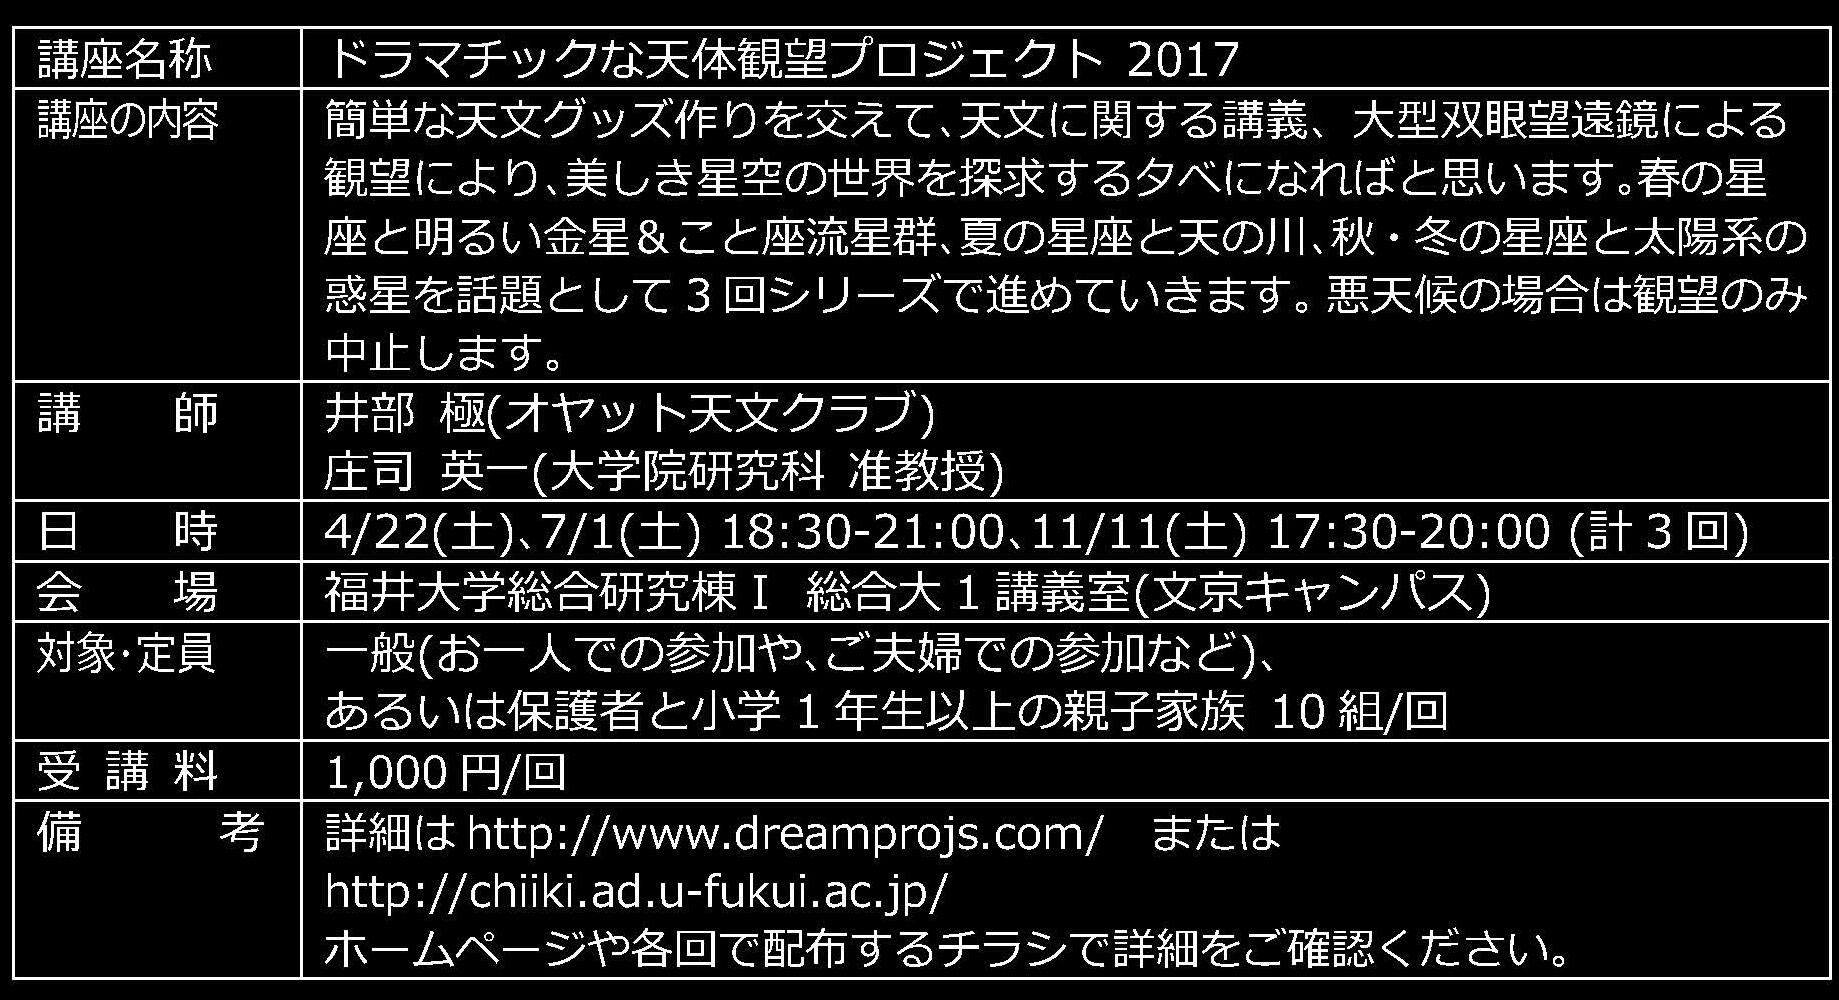 2017kokai_3s1.jpg